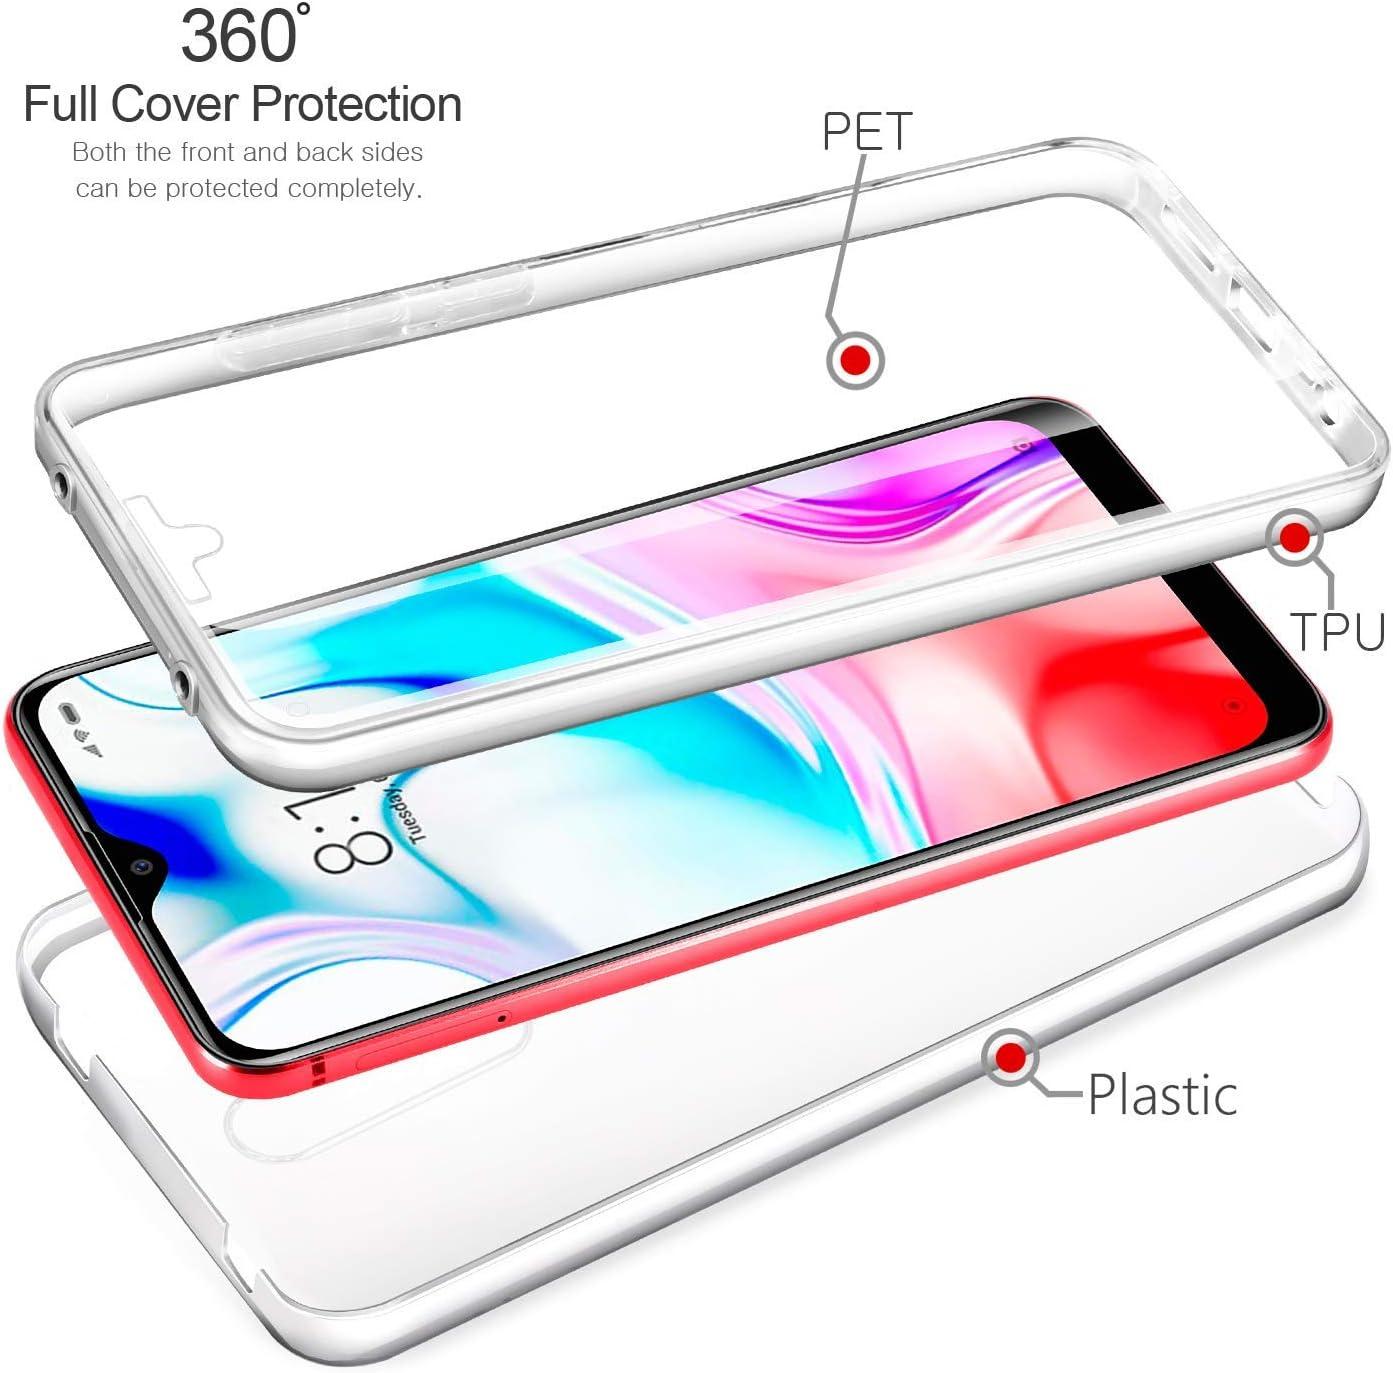 Antichoc pour Clair et Lumineux Housse /Étui Silicone Anti-Rayures YuhooTech Coque Xiaomi Mi 9 Lite Ultra Mince Anti-d/érapant Transparent TPU Avant+PC Arri/ère 360 Degr/és Protection Complete